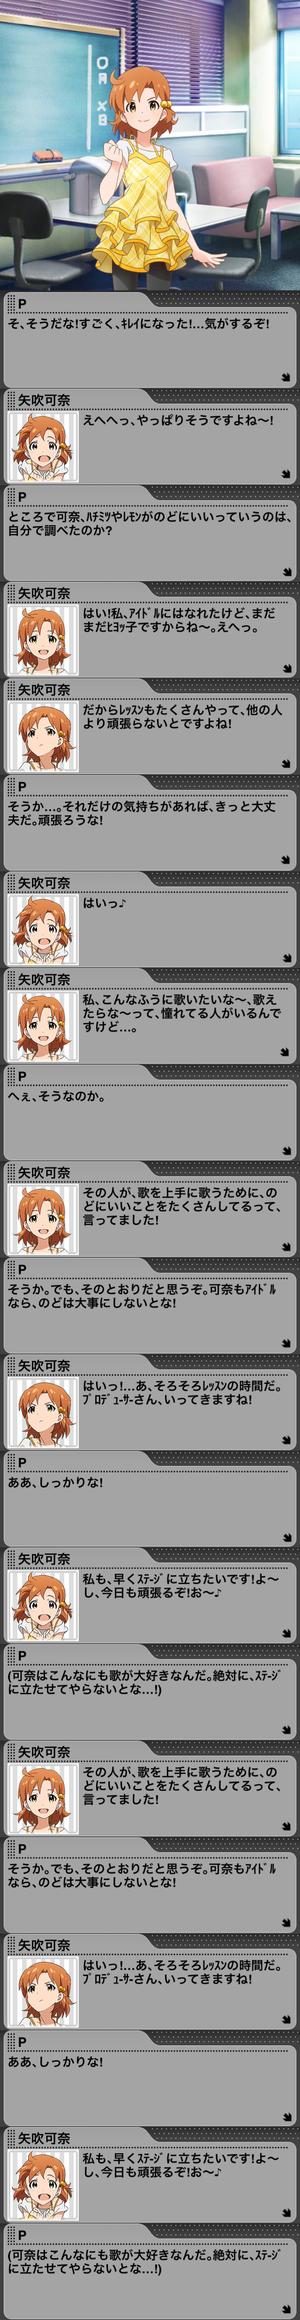 可奈アイドルストーリーLV4_2